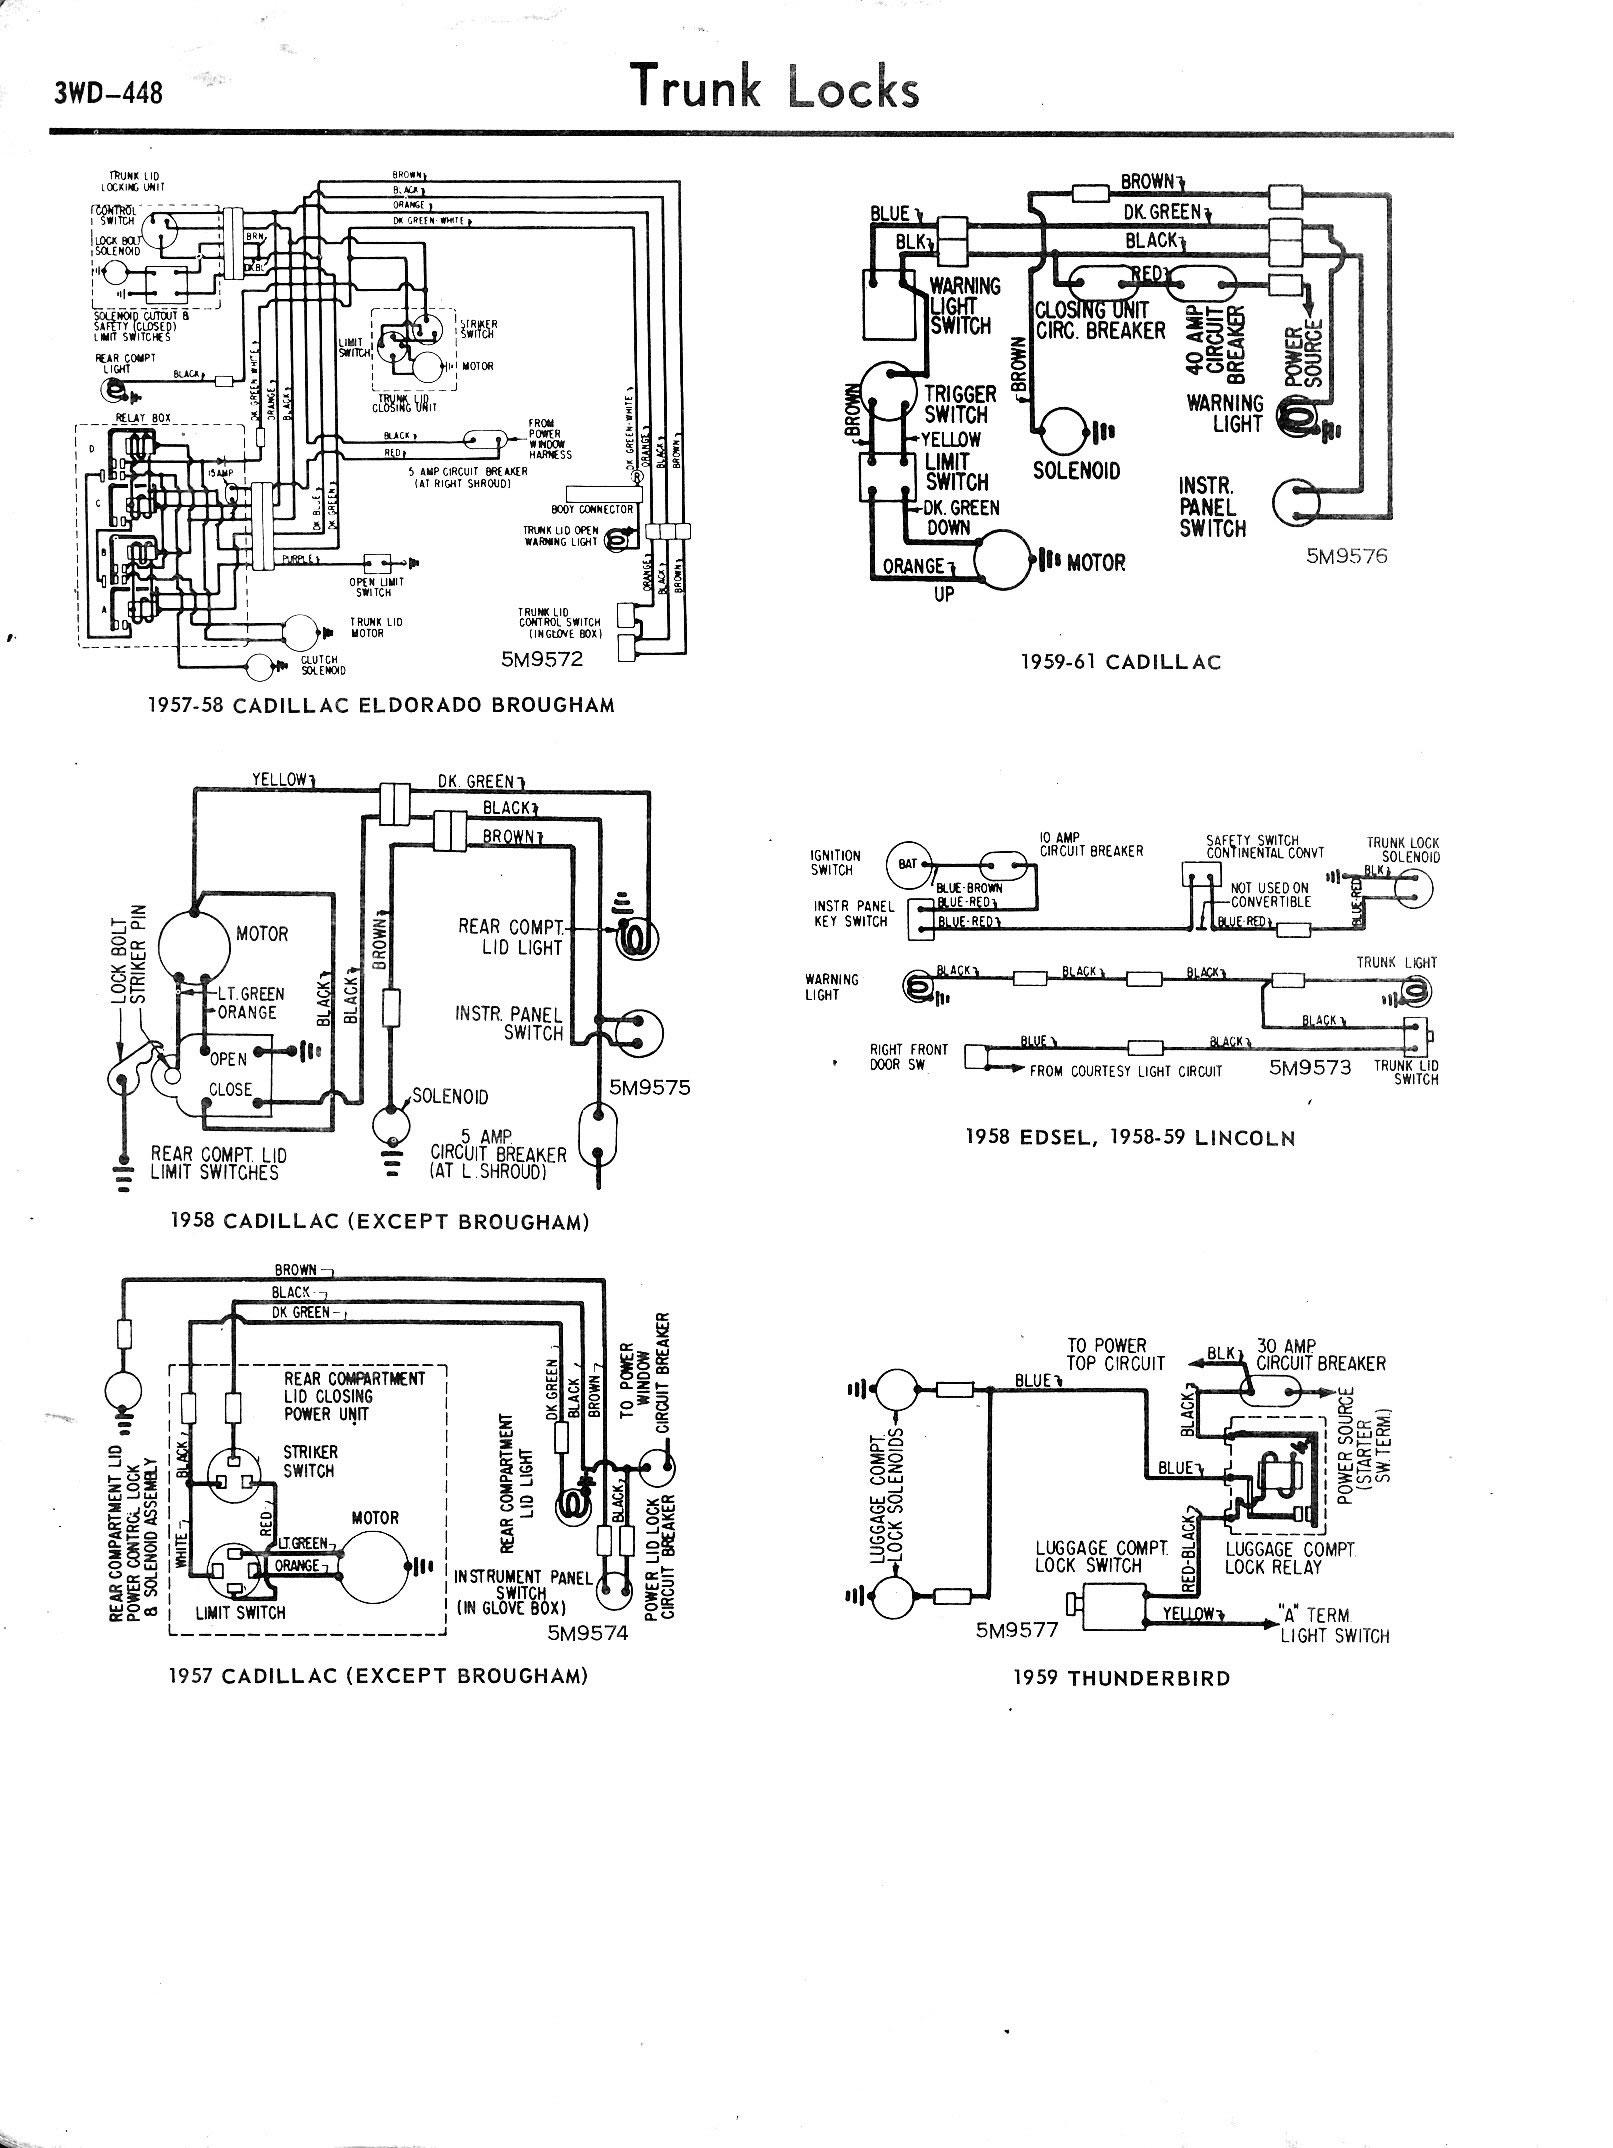 1957 Cadillac Eldorado Wiring Diagram Trusted 1956 1965 Accessory Diagrams 3wd 448 1996